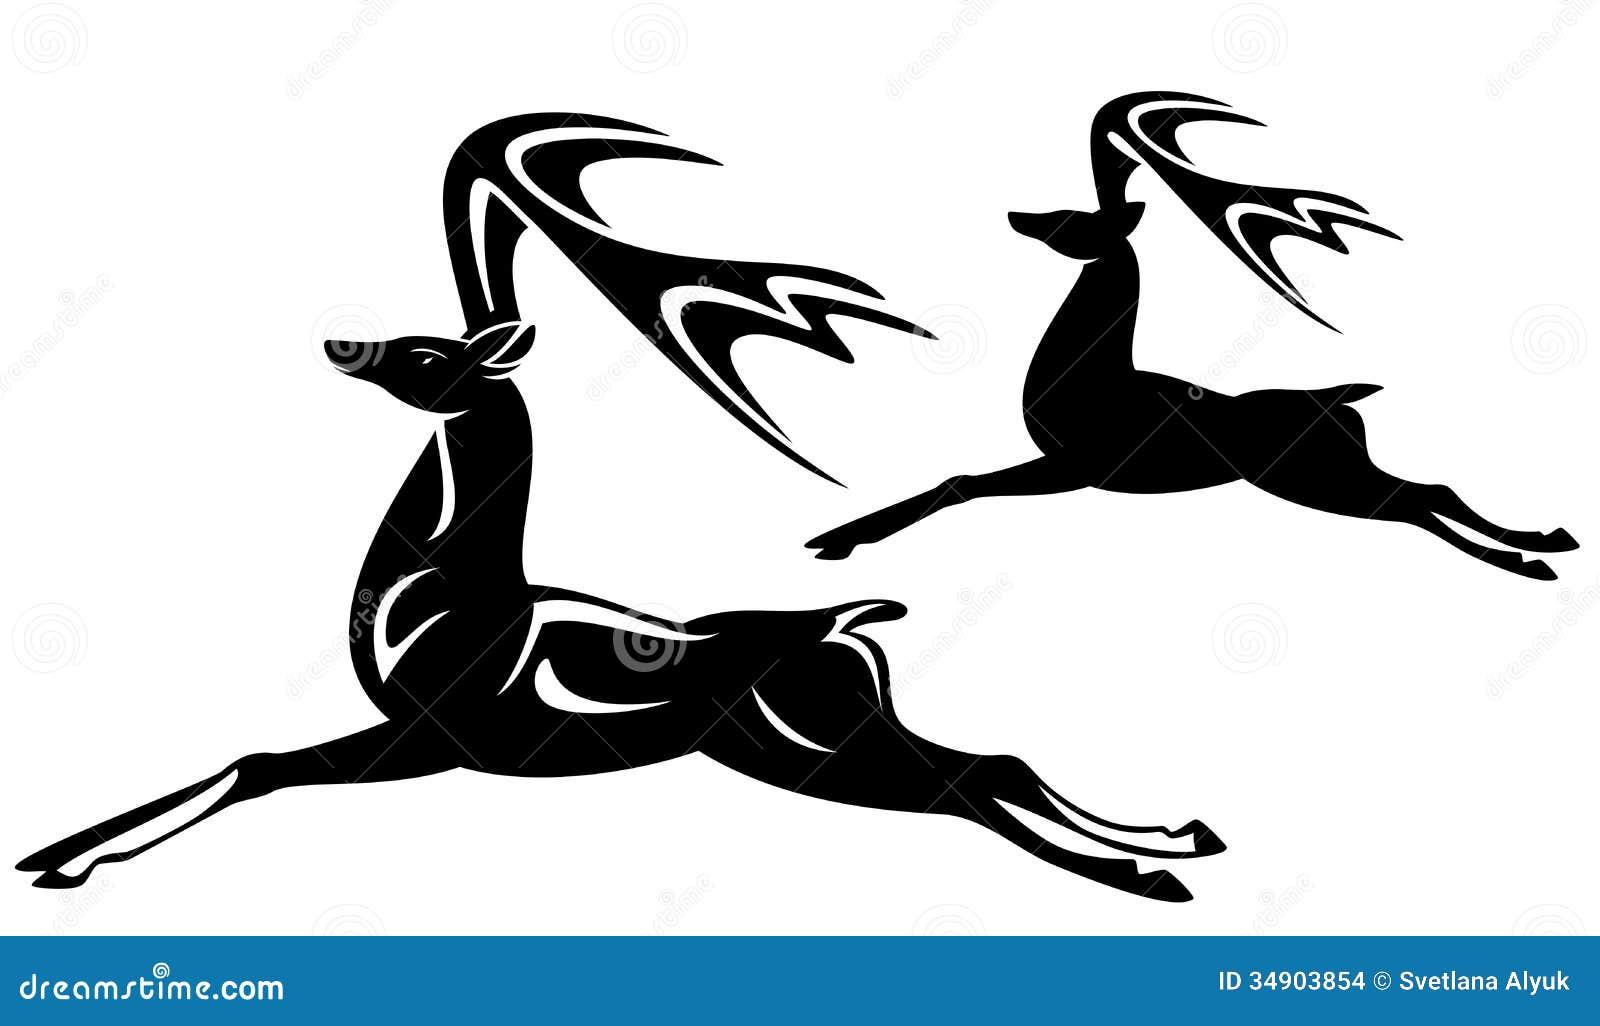 baby gazelle running